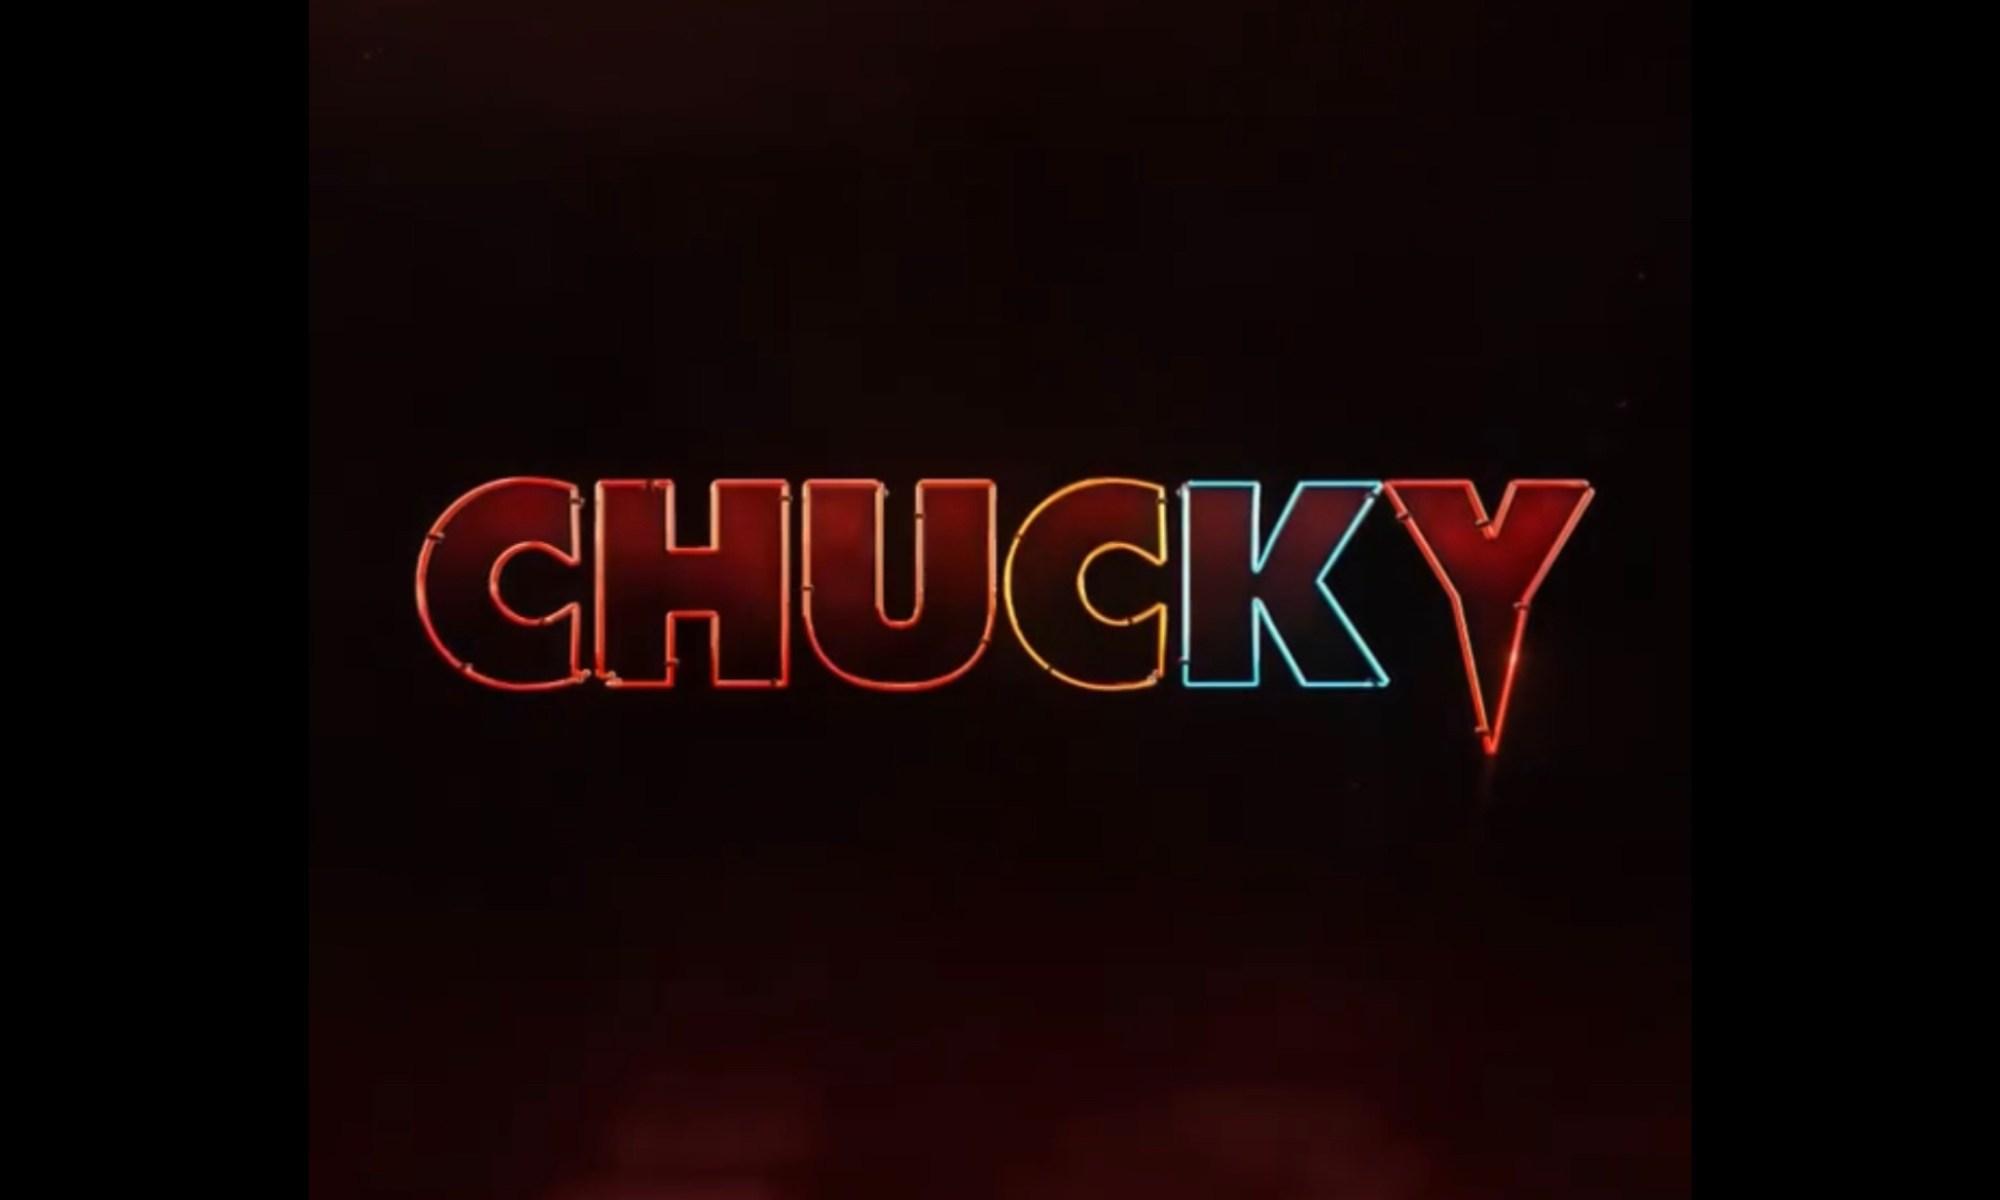 Chucky-teaser